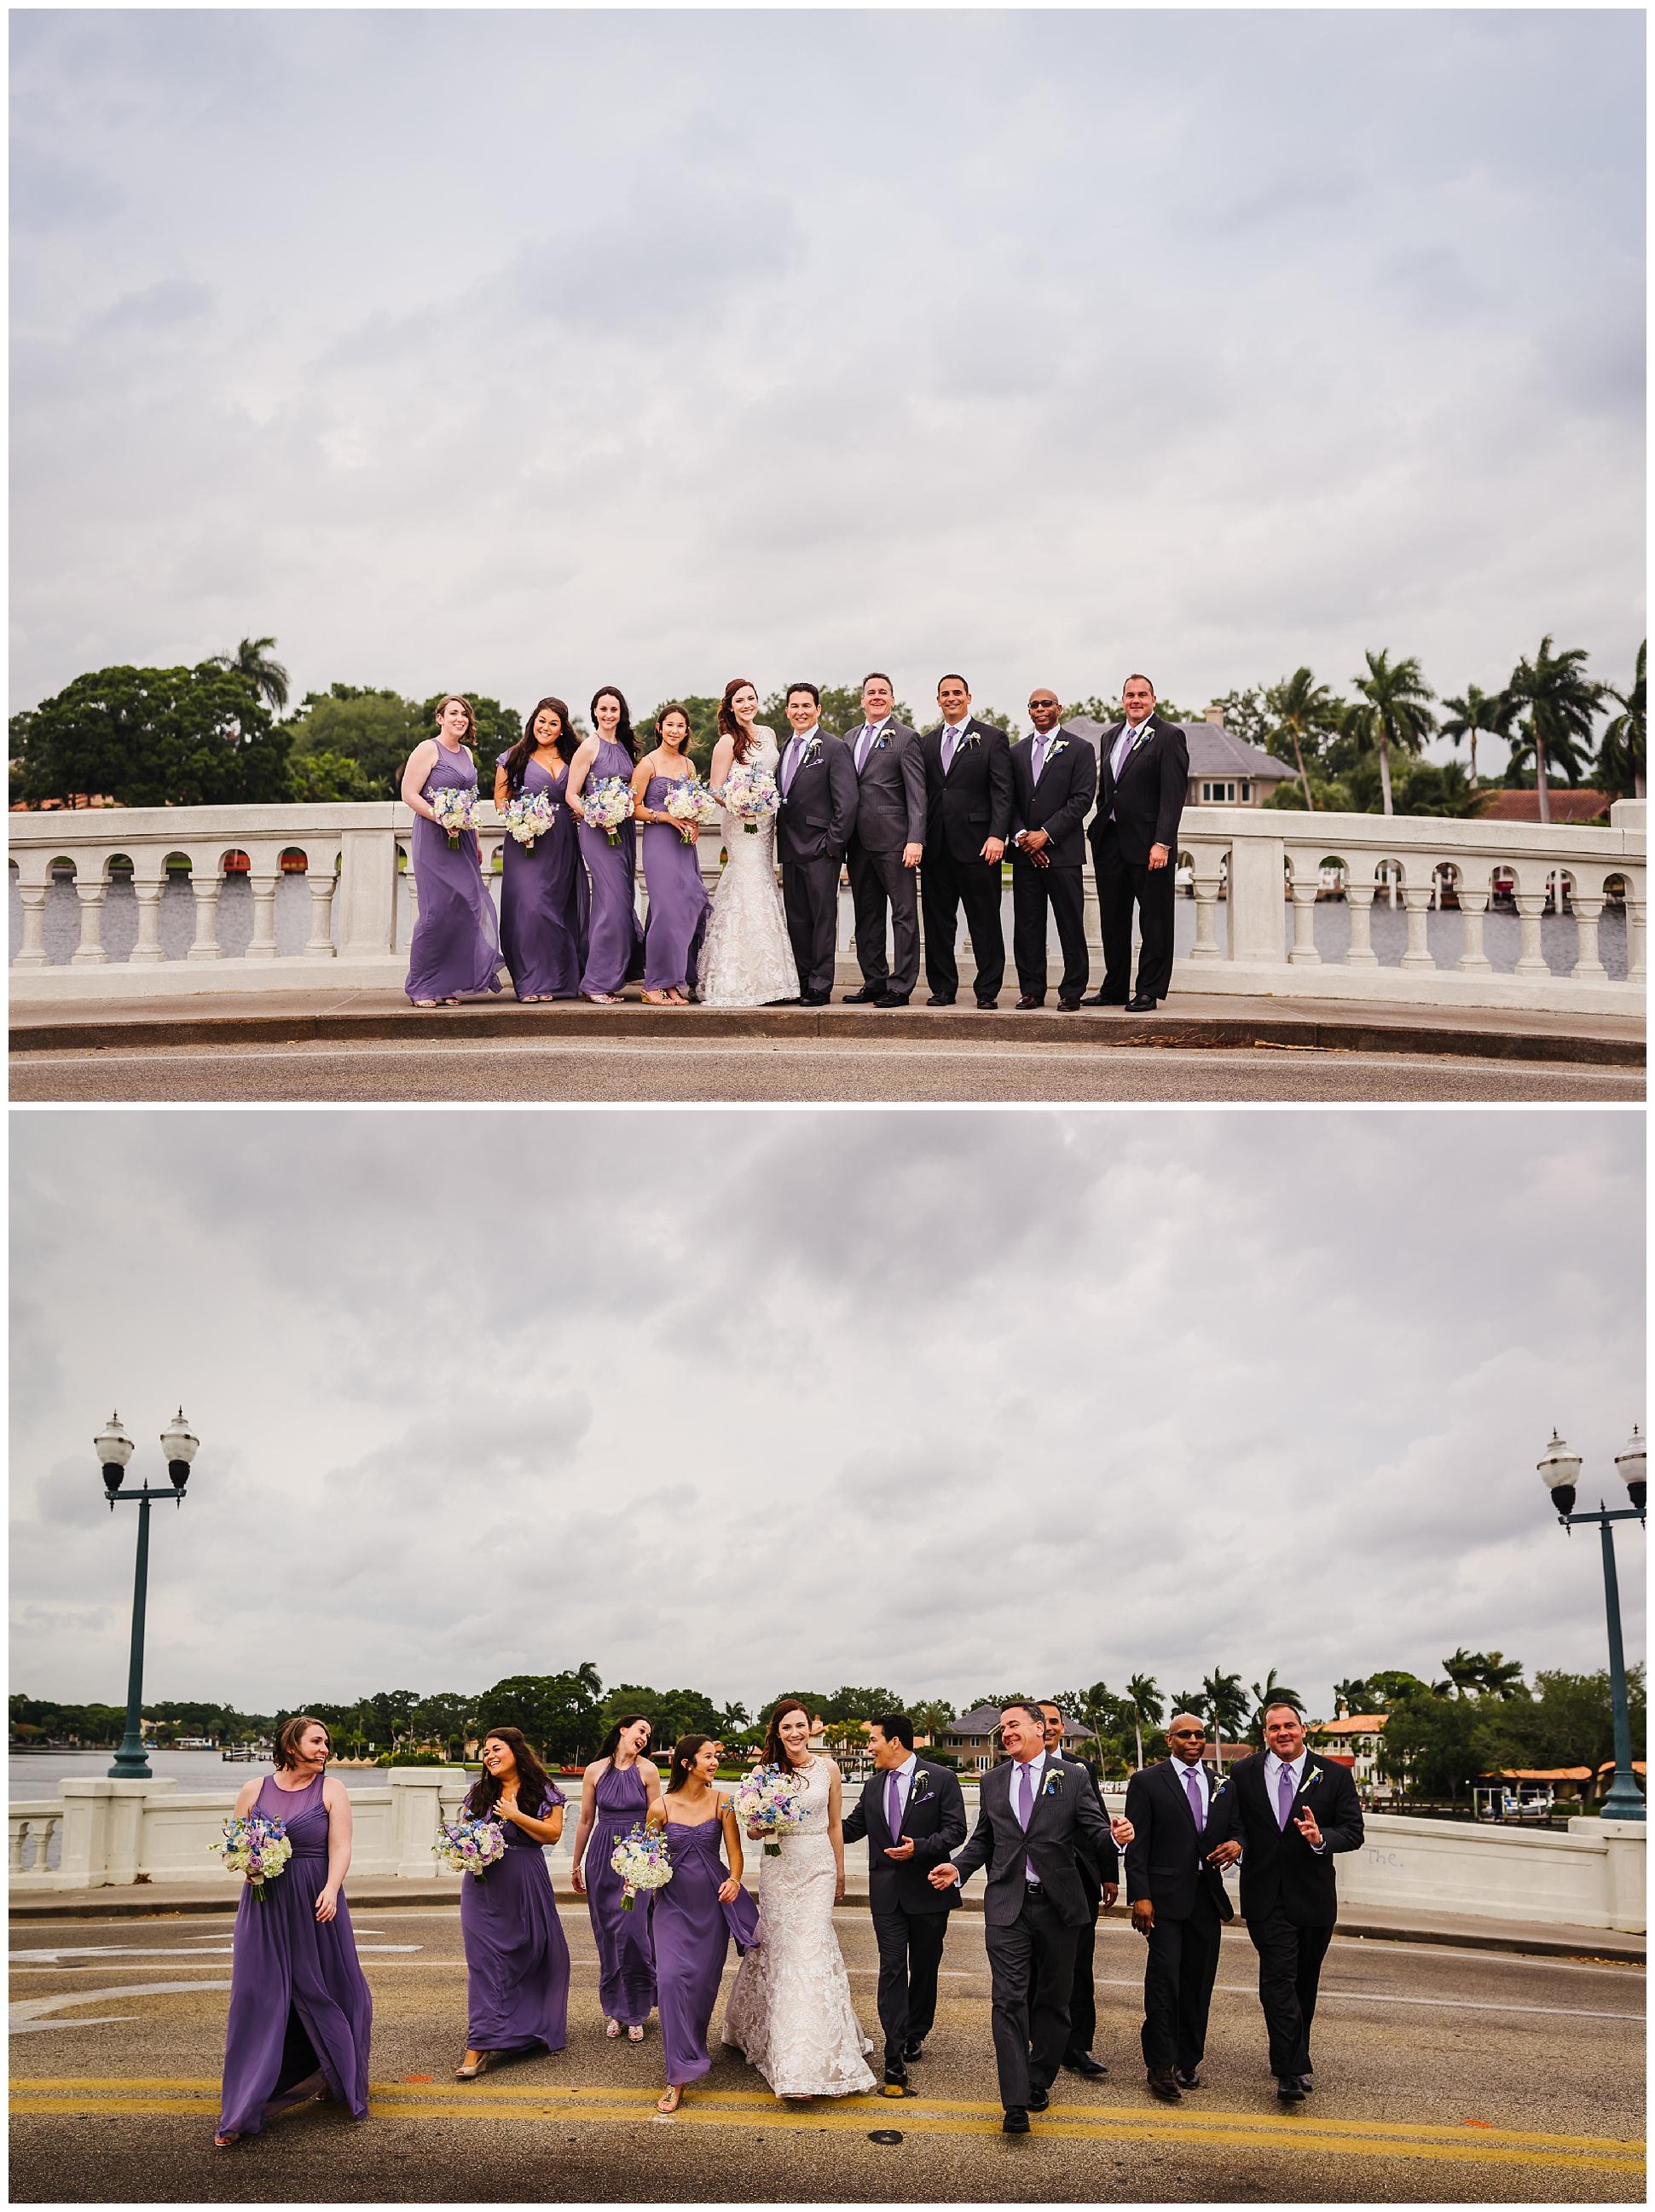 st-pete-wedding-photographer-nova-535-murals-downtown-lavendar_0030.jpg